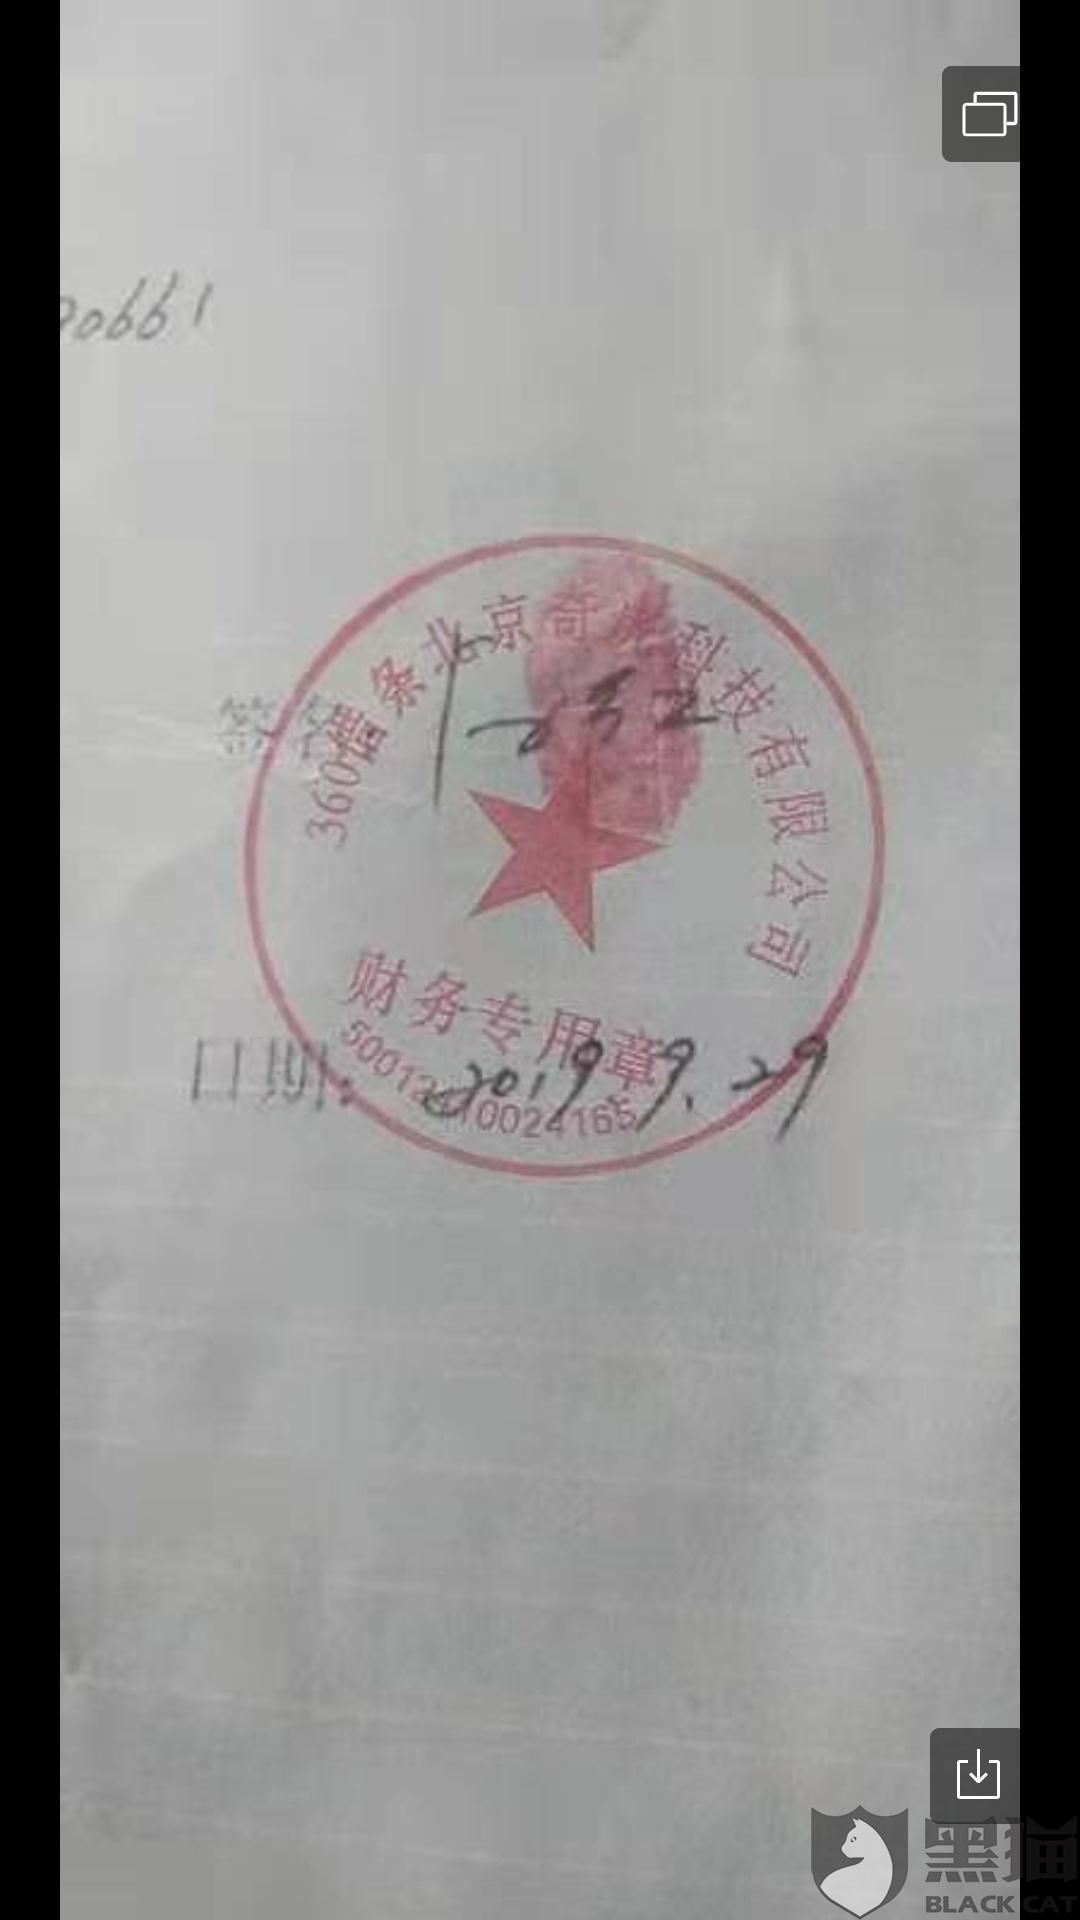 黑猫投诉:要求360借条北京奇虎科技有限公司退还手续费及保证金